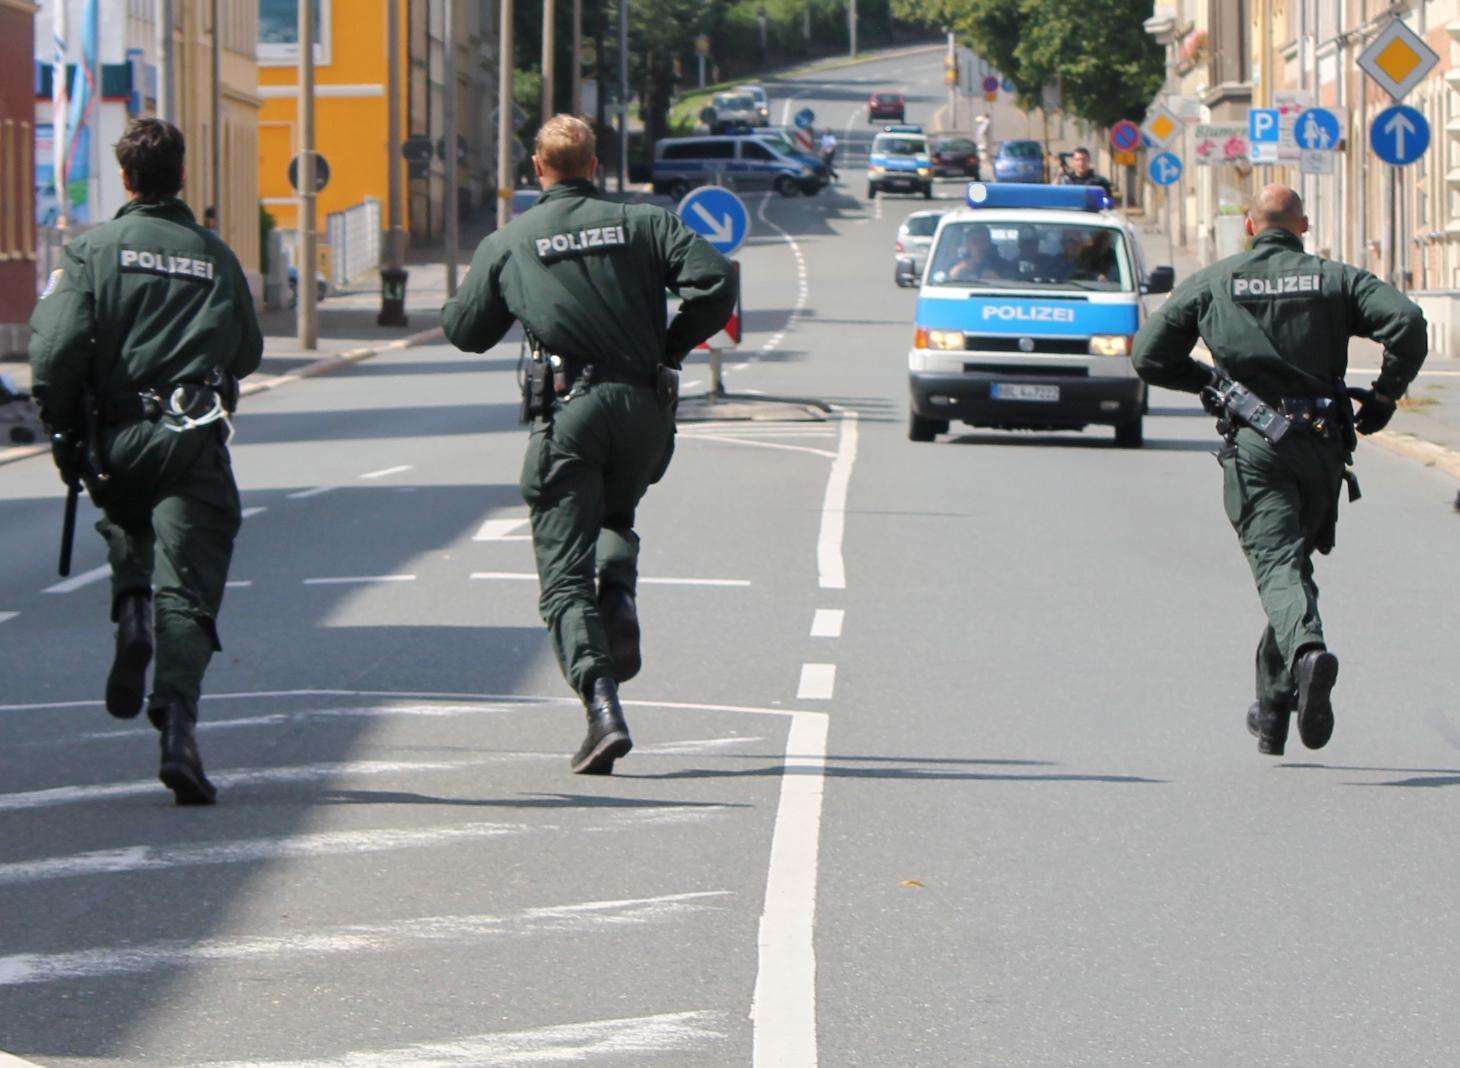 Polizeibewegung